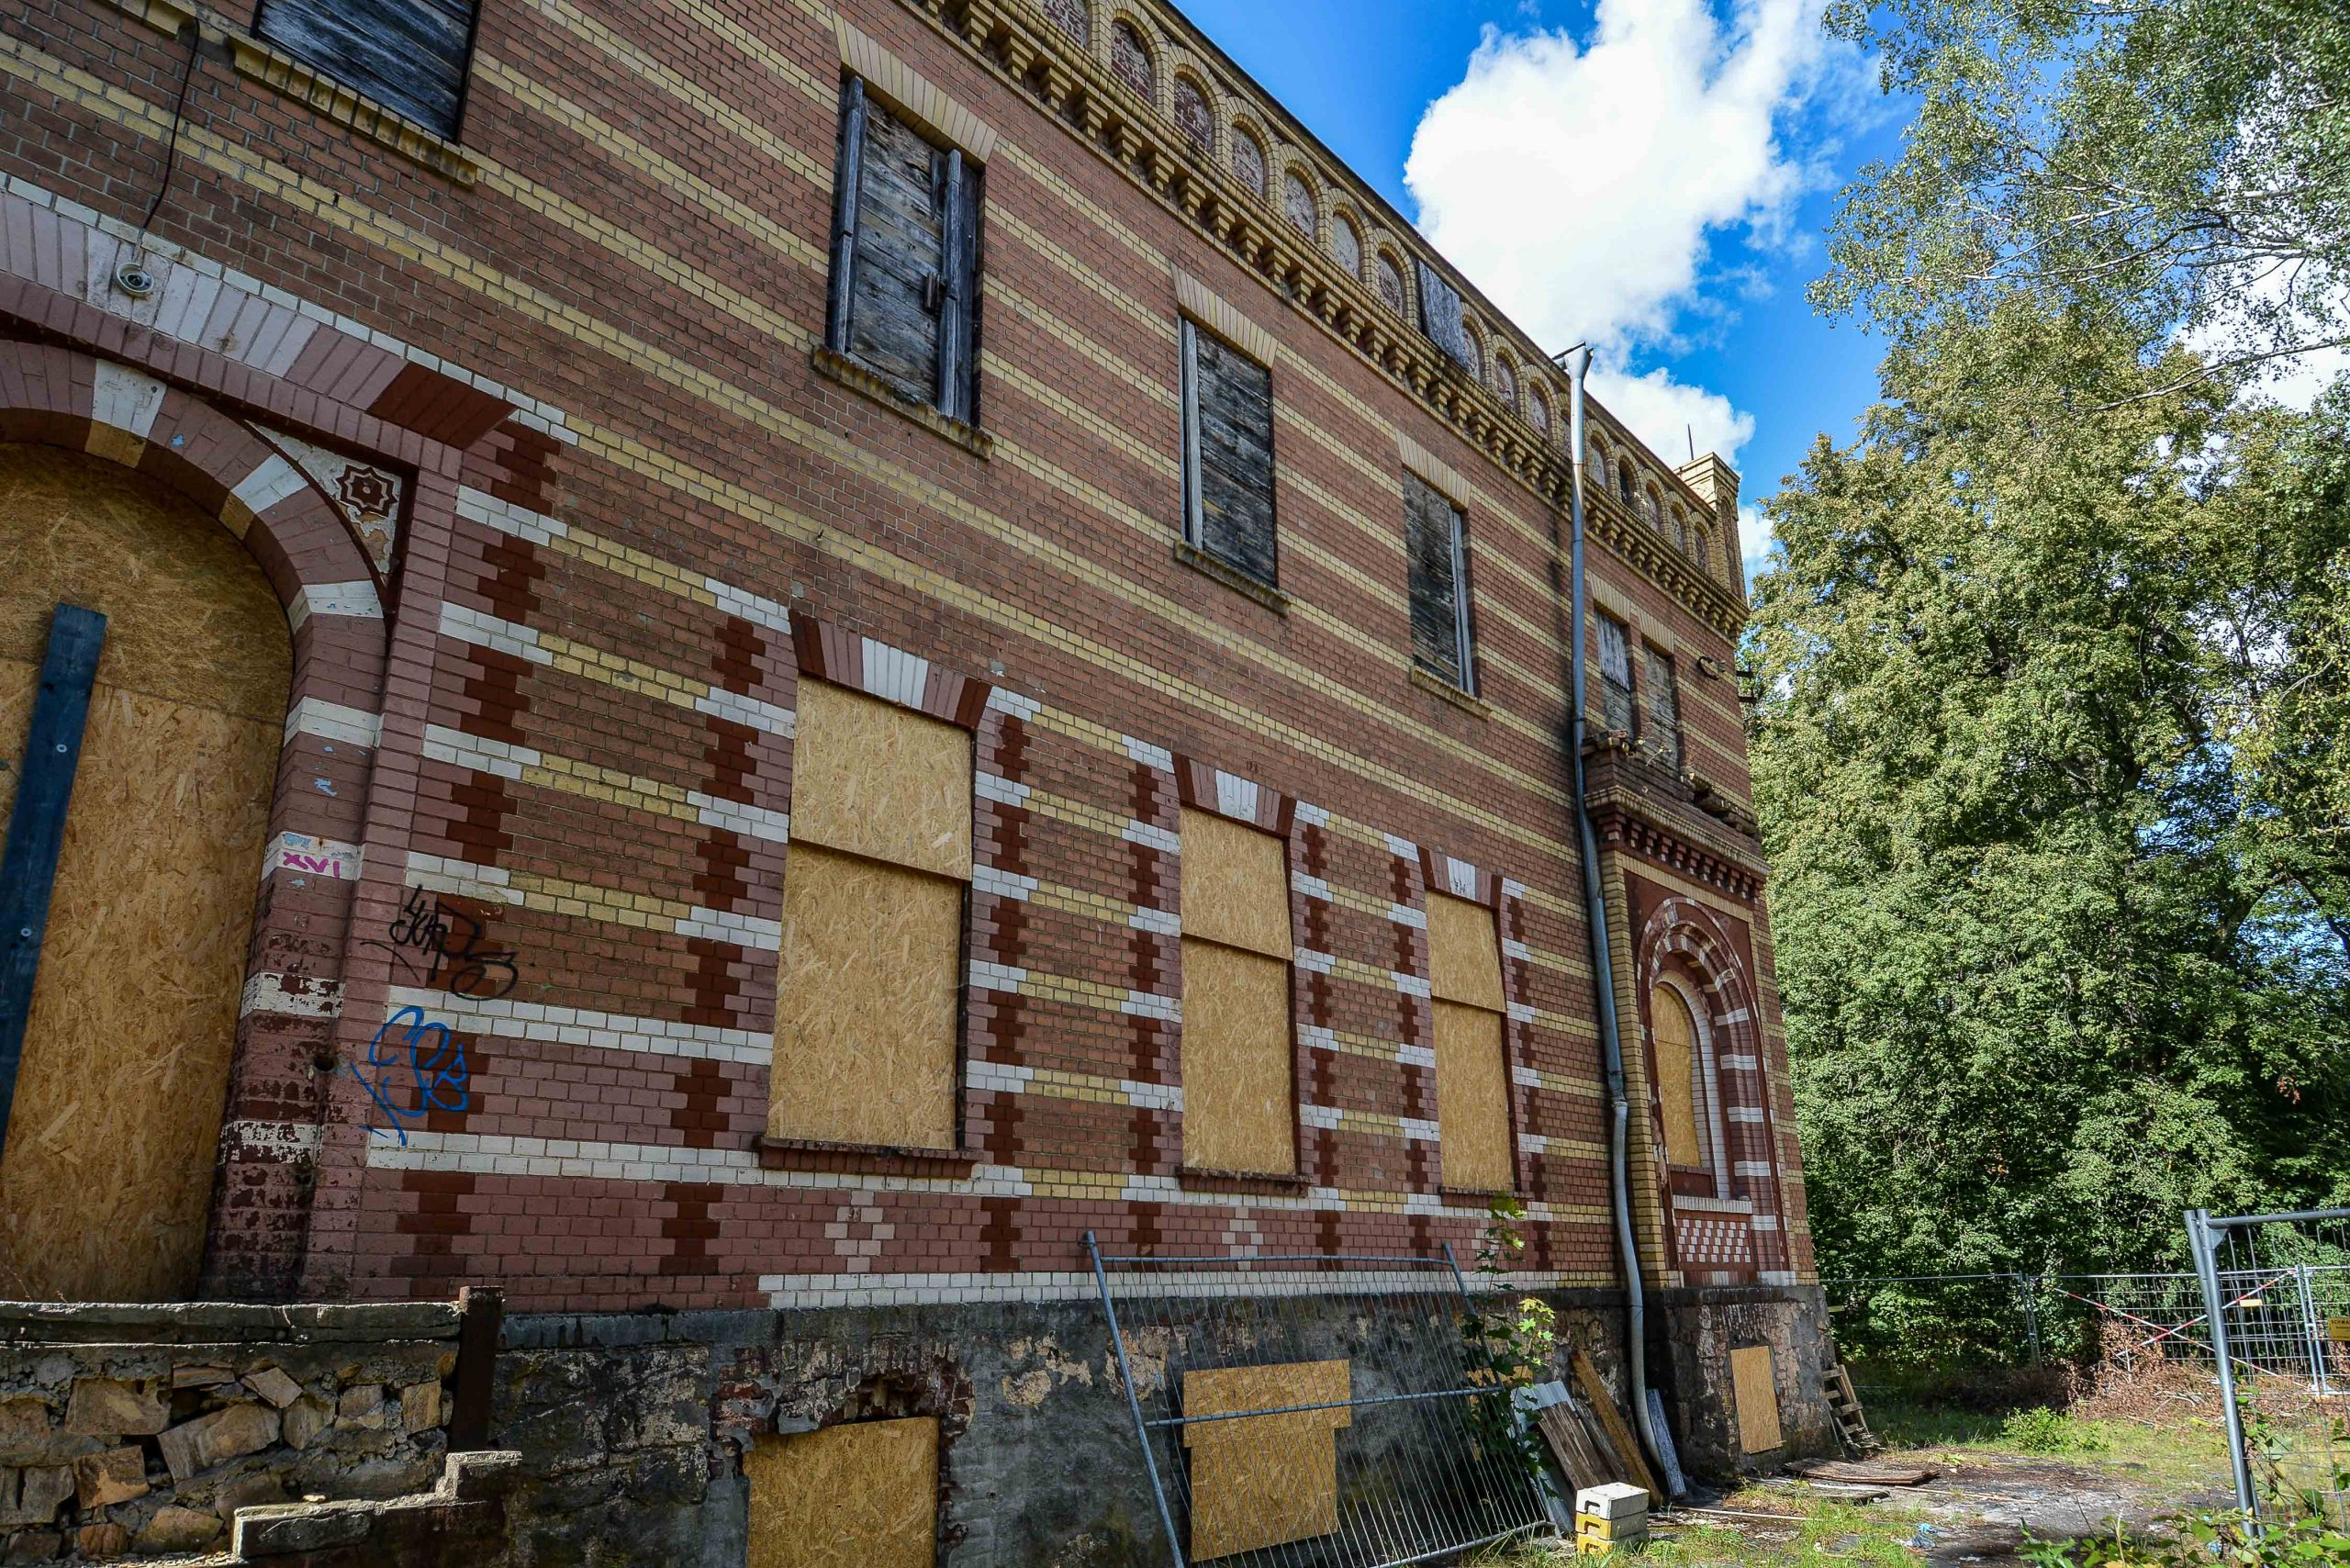 rueckseite architektur historischer orientalismus herrenhaus gentzrode lost places brandenburg neuruppin gut gentzrode ost deutschland urbex abandoned